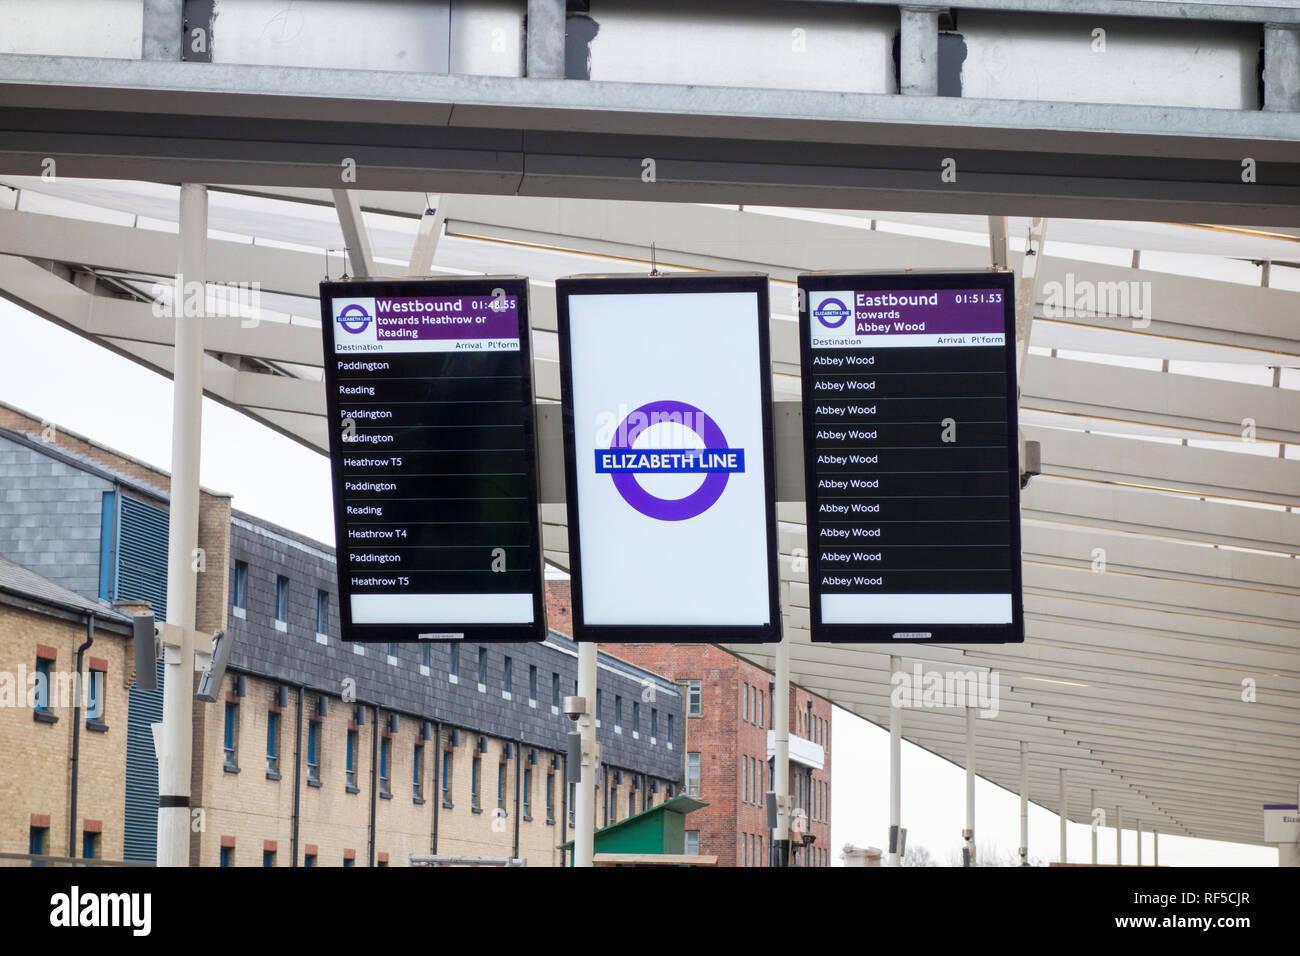 Elizabeth line station platform indicators at Custom House, London, UK - Stock Image